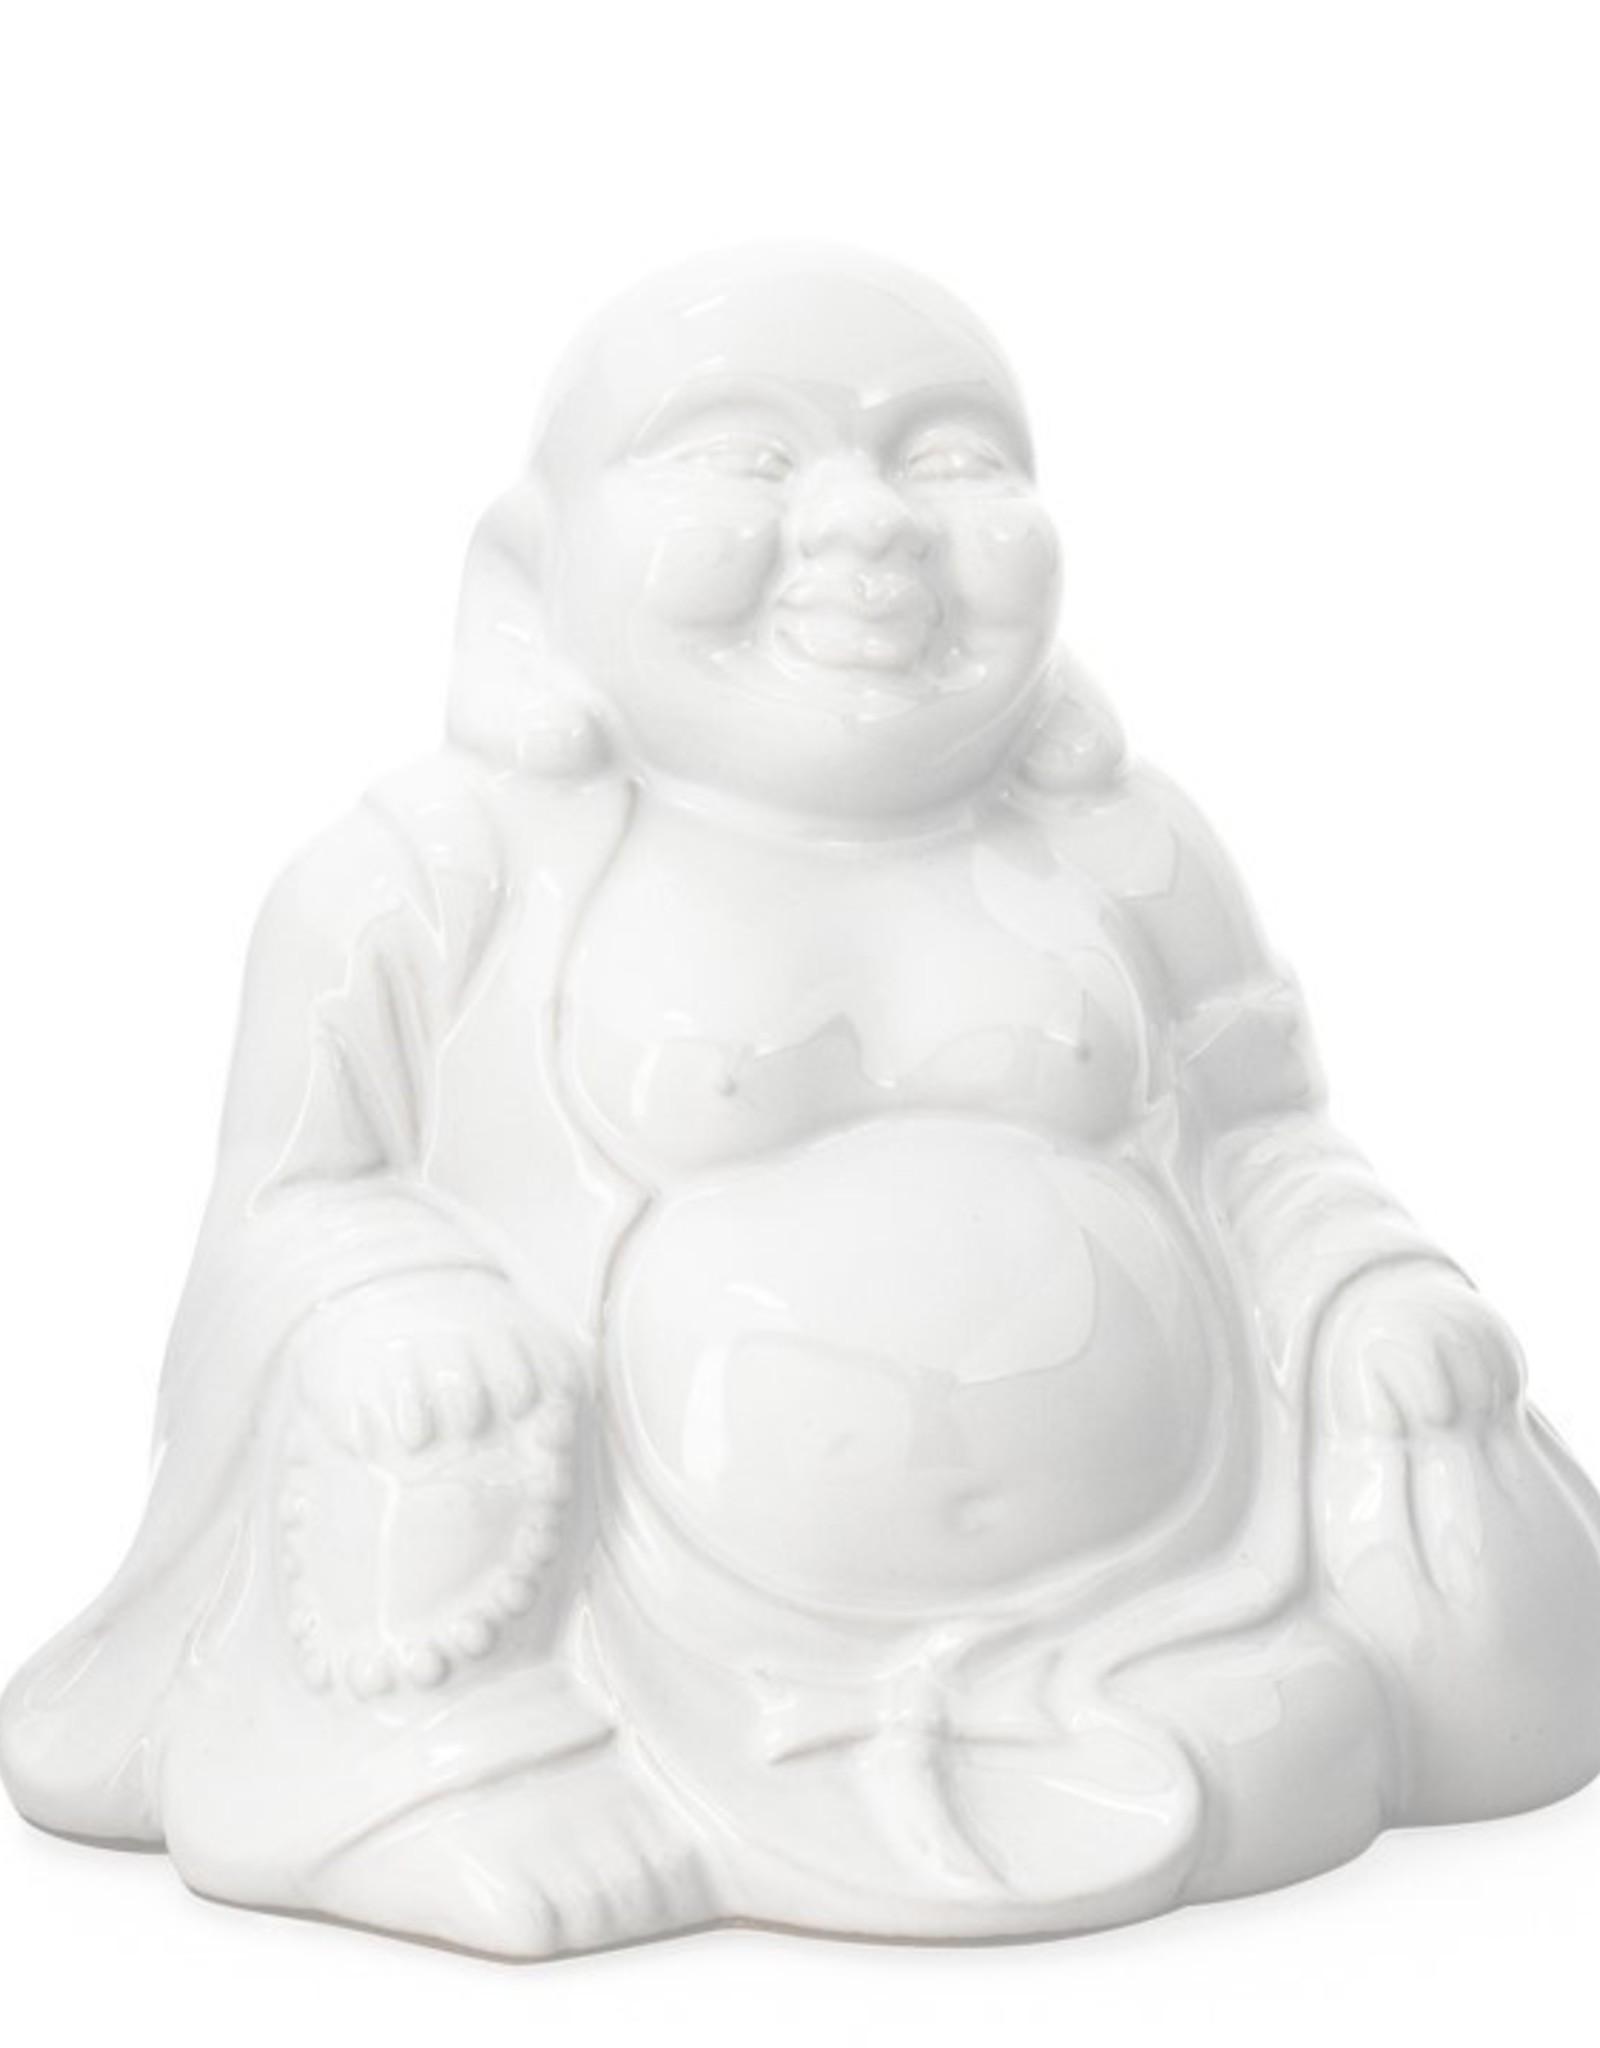 Buddha White Torre & Tagus